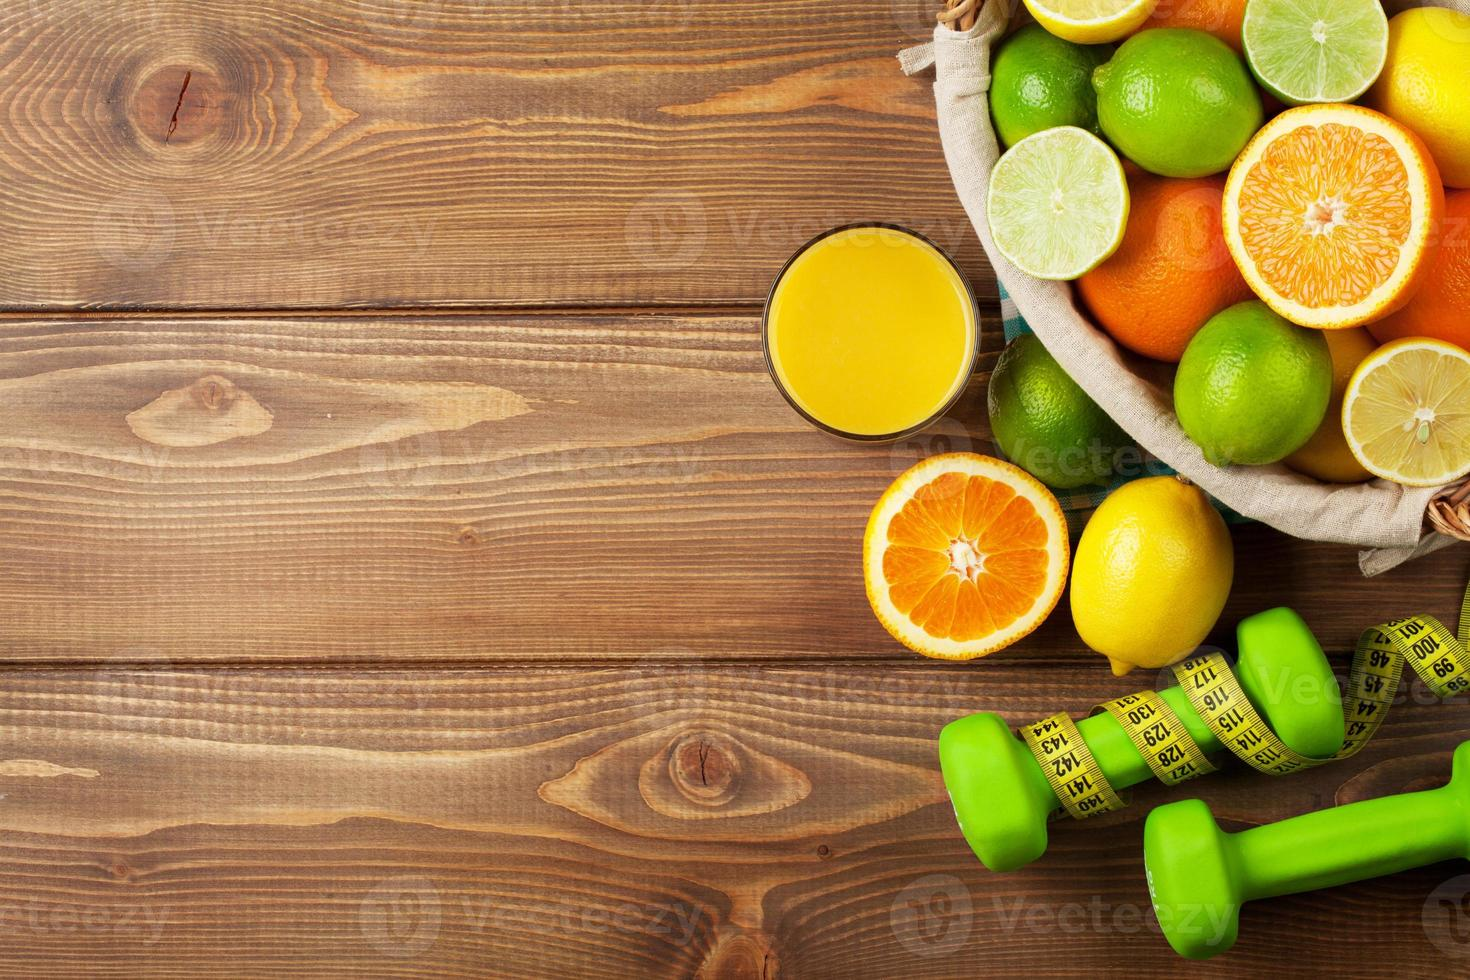 frutas cítricas na cesta e dumbells. laranjas, limas e limões foto